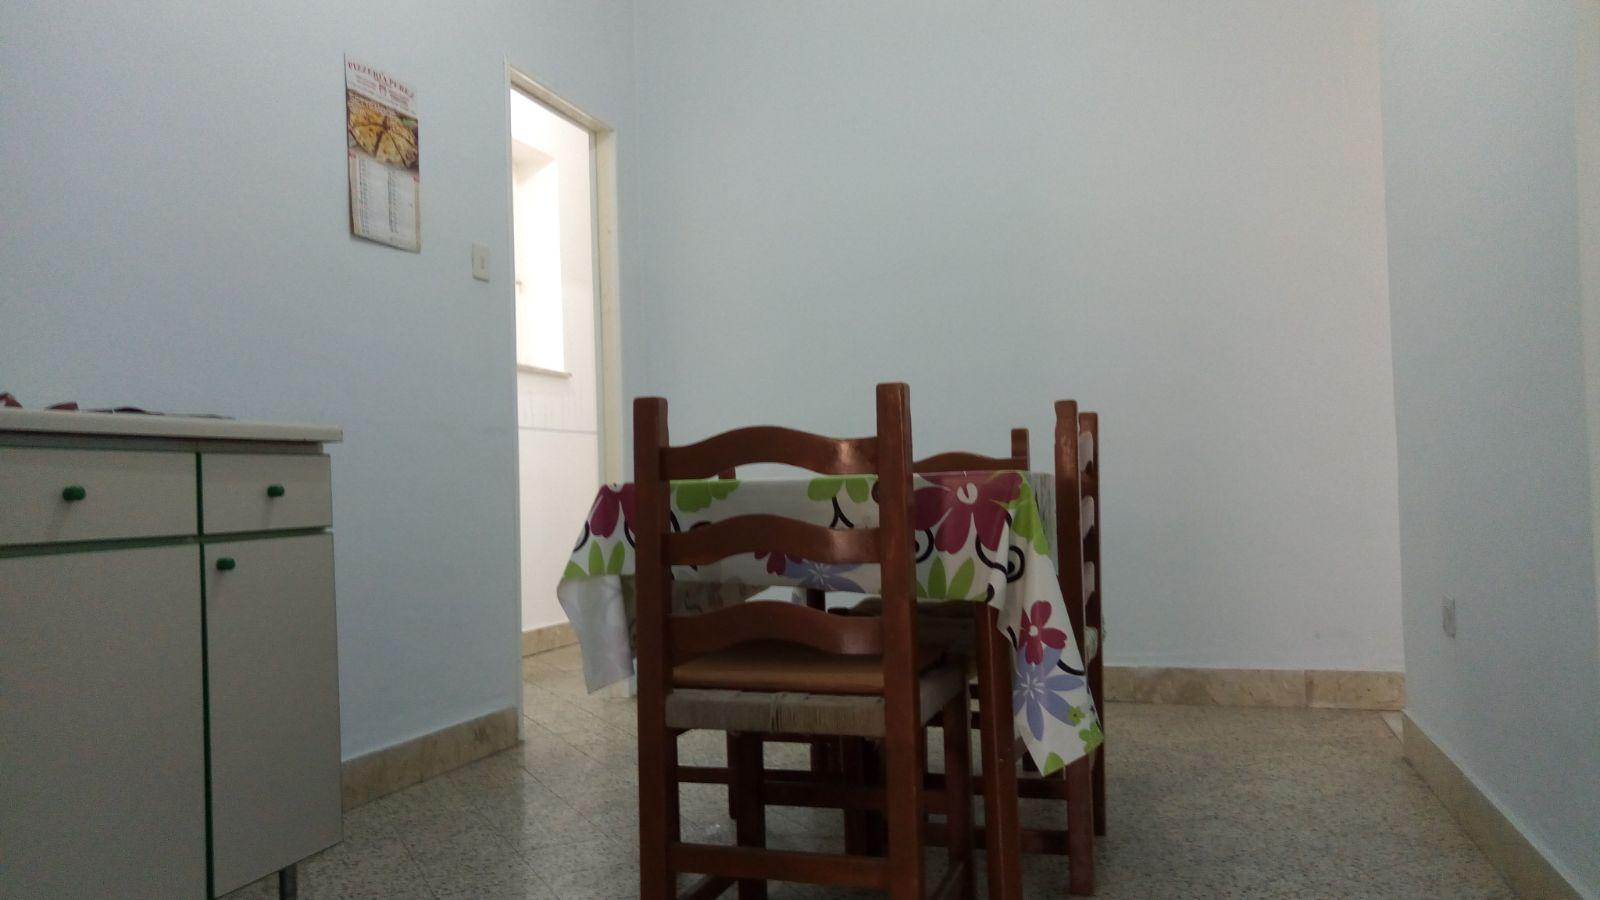 Appartamento in affitto a Palermo, 4 locali, zona o, prezzo € 480 | PortaleAgenzieImmobiliari.it